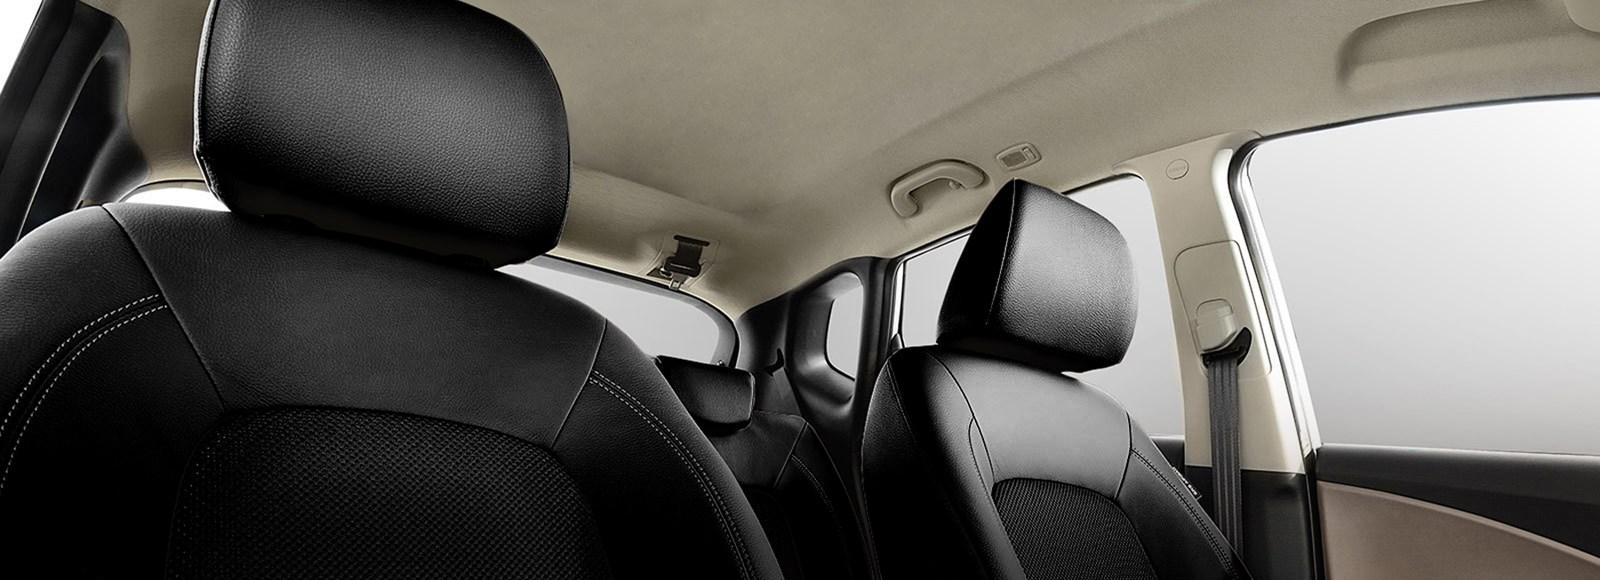 ix20-design-low-view-beige-interior-sunroof-pc